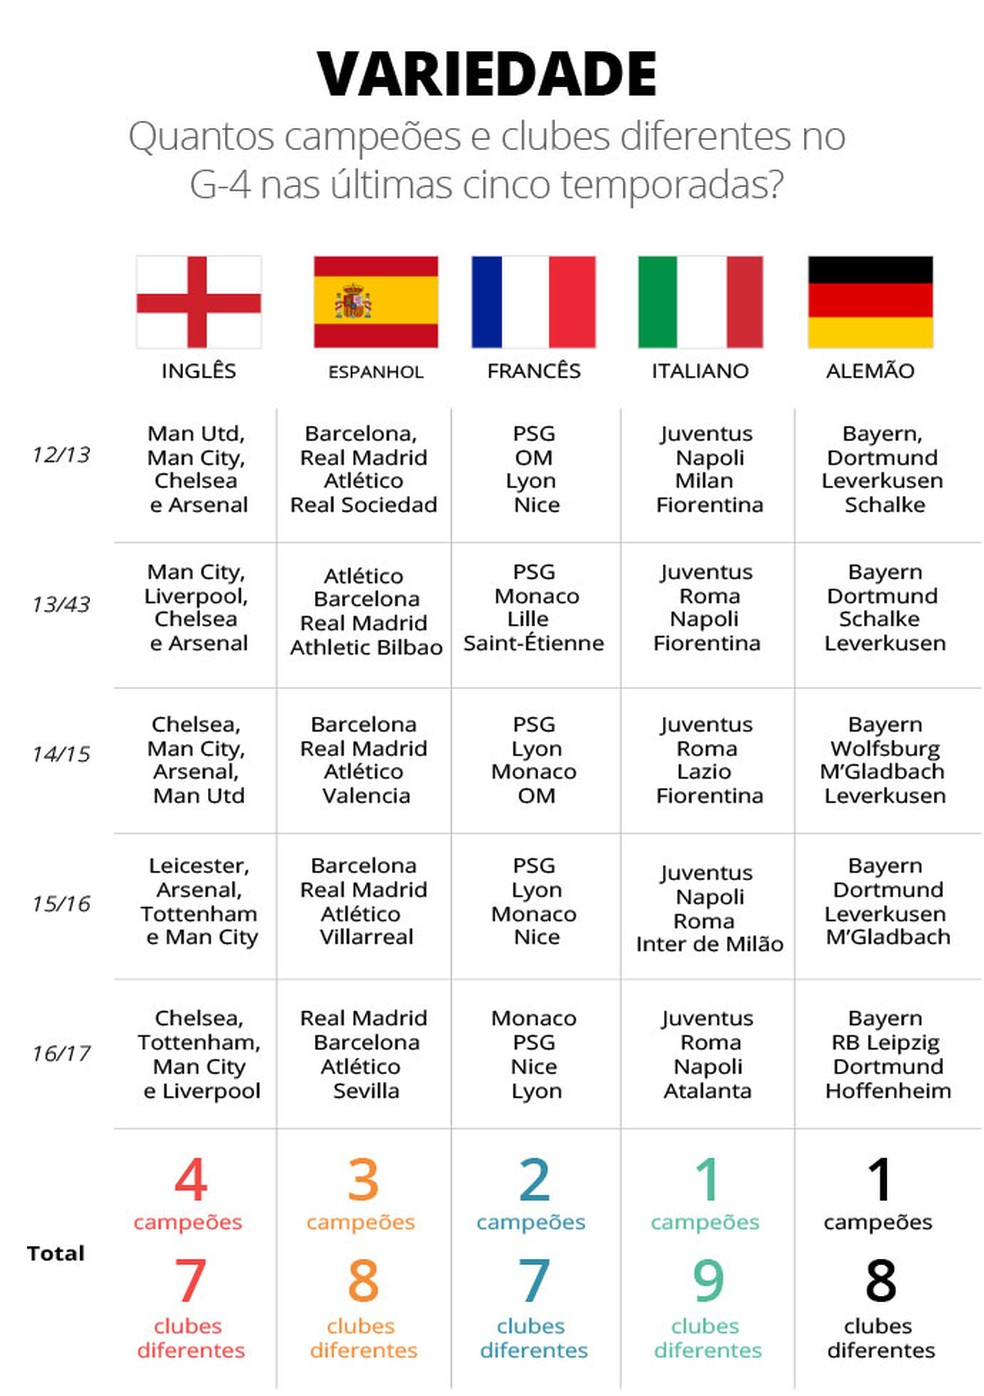 Inglês teve quatro campeões diferentes nas últimas cinco temporadas (Foto: Infografia)